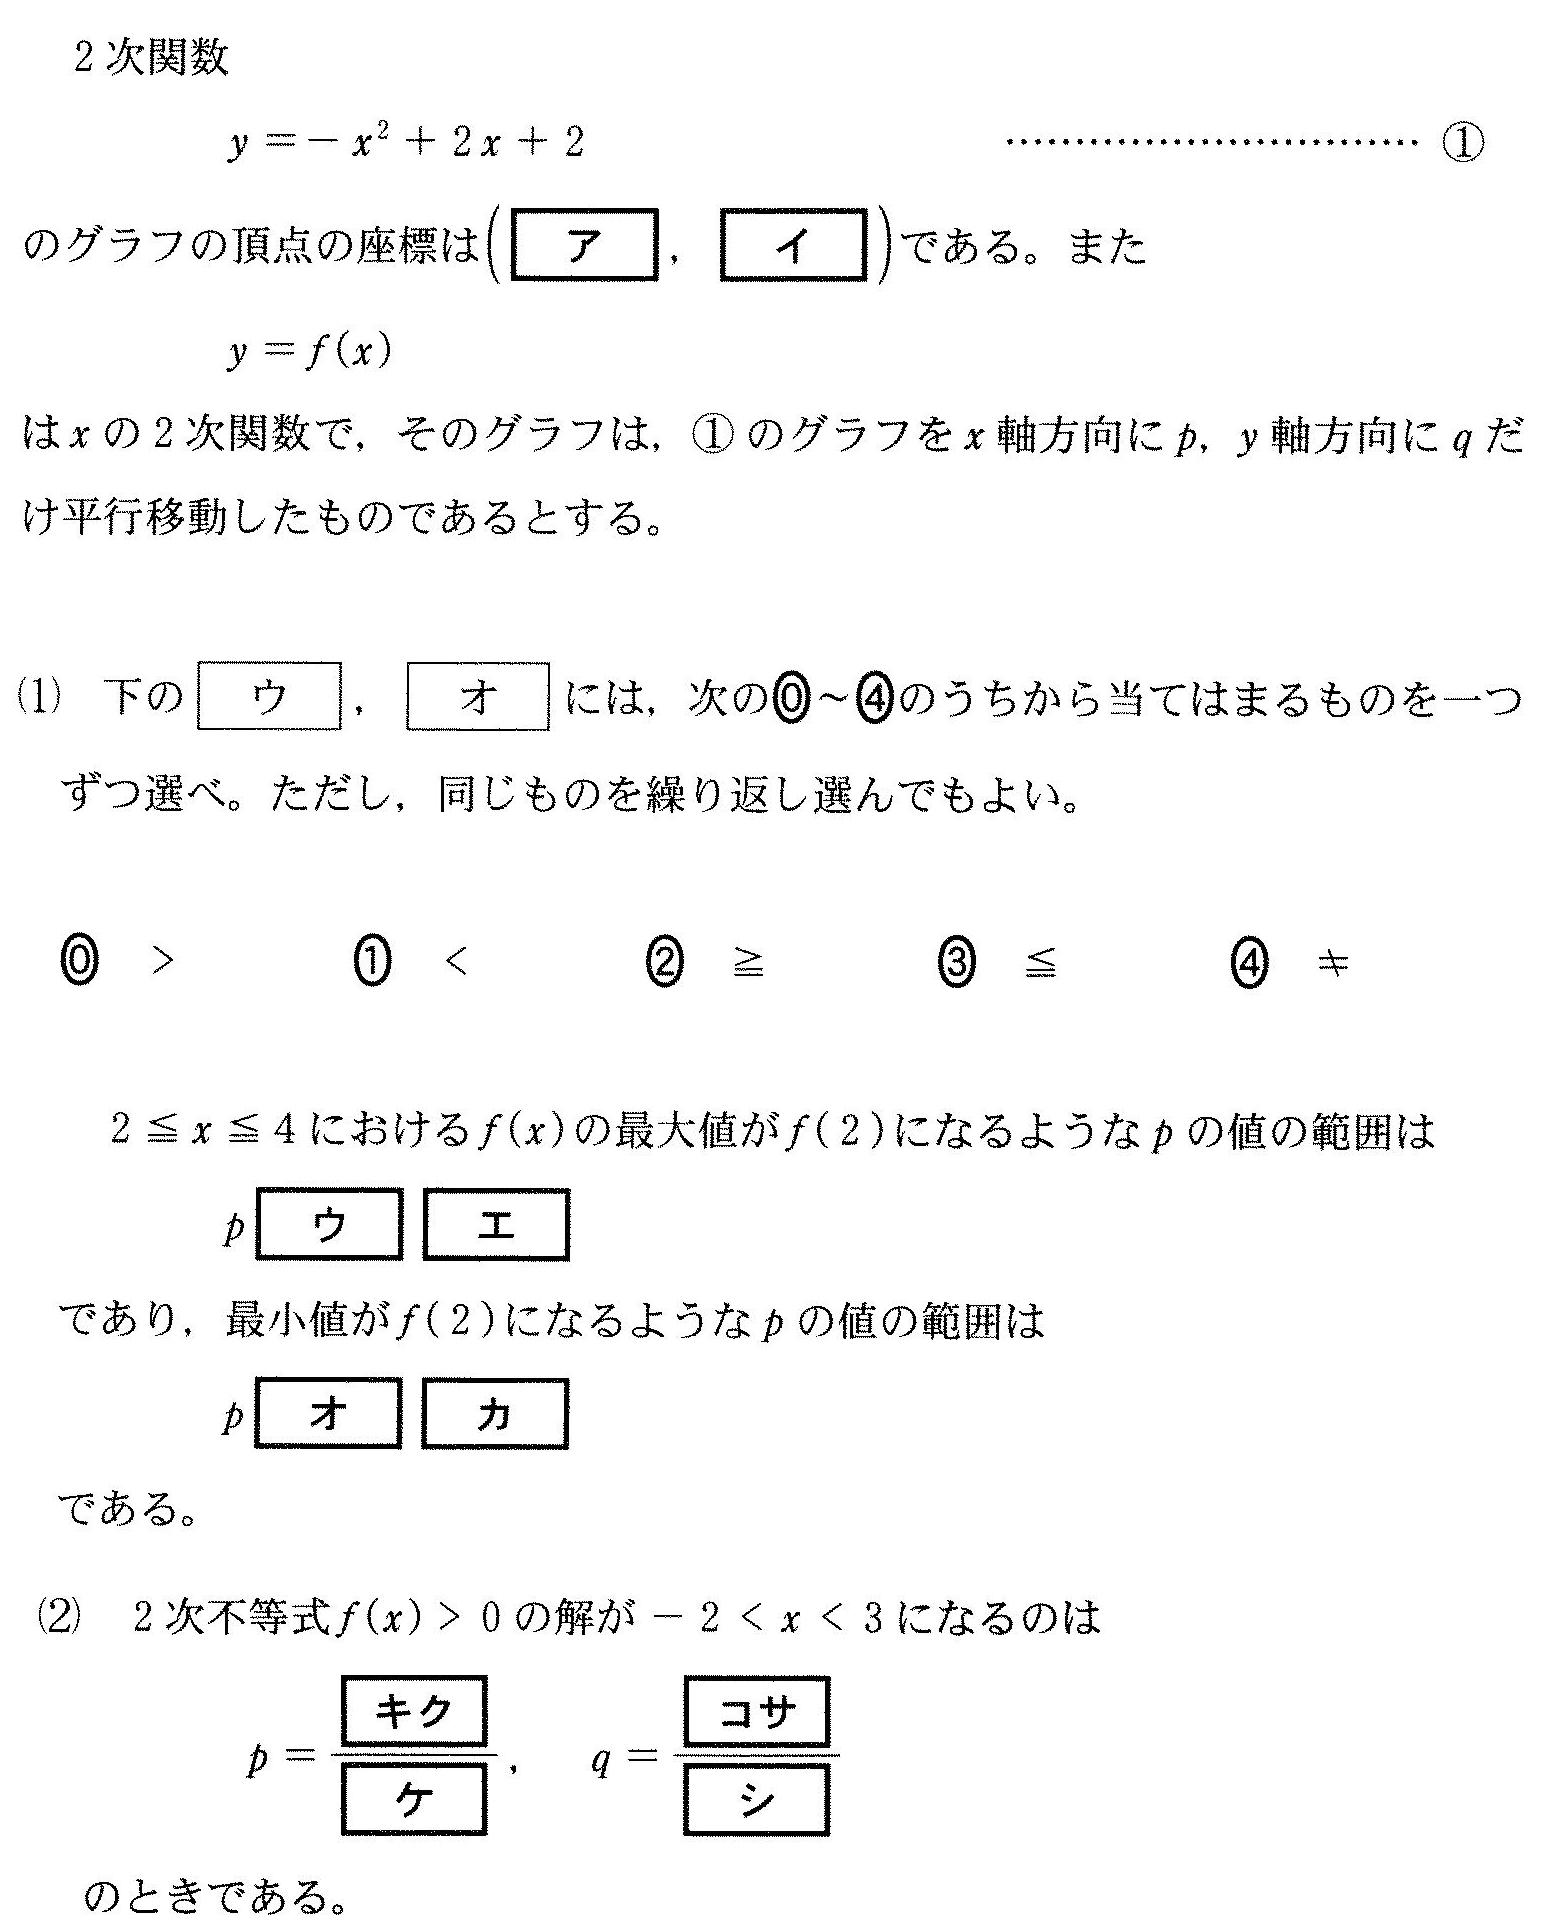 問題1A1